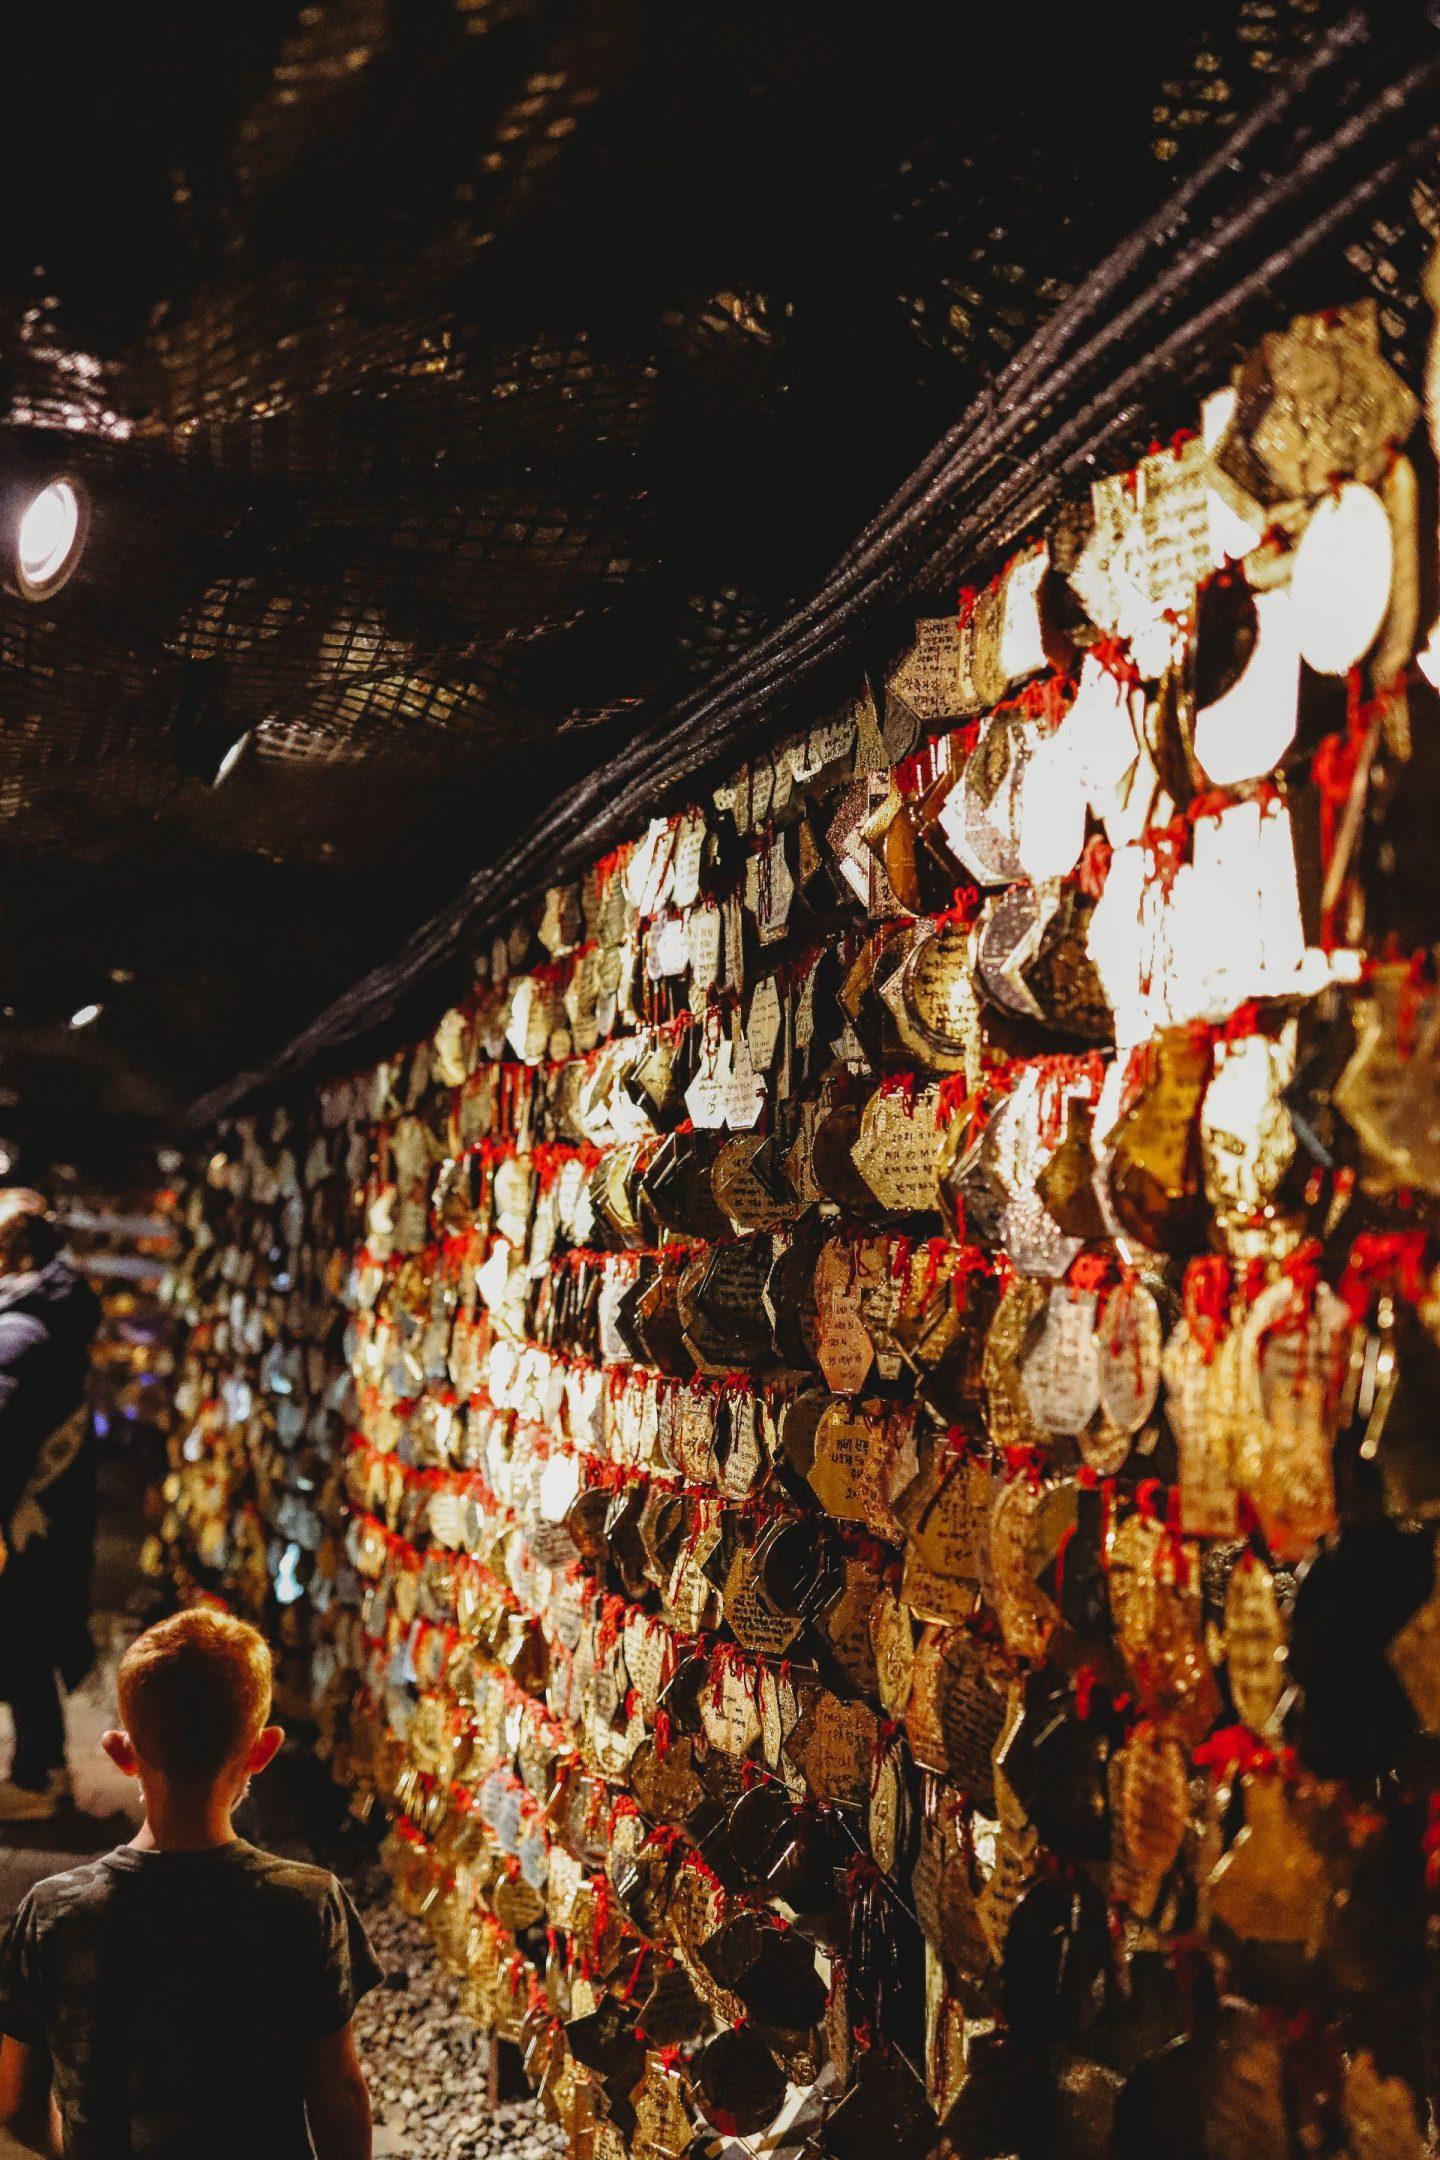 gwangmyeong cave exhibits